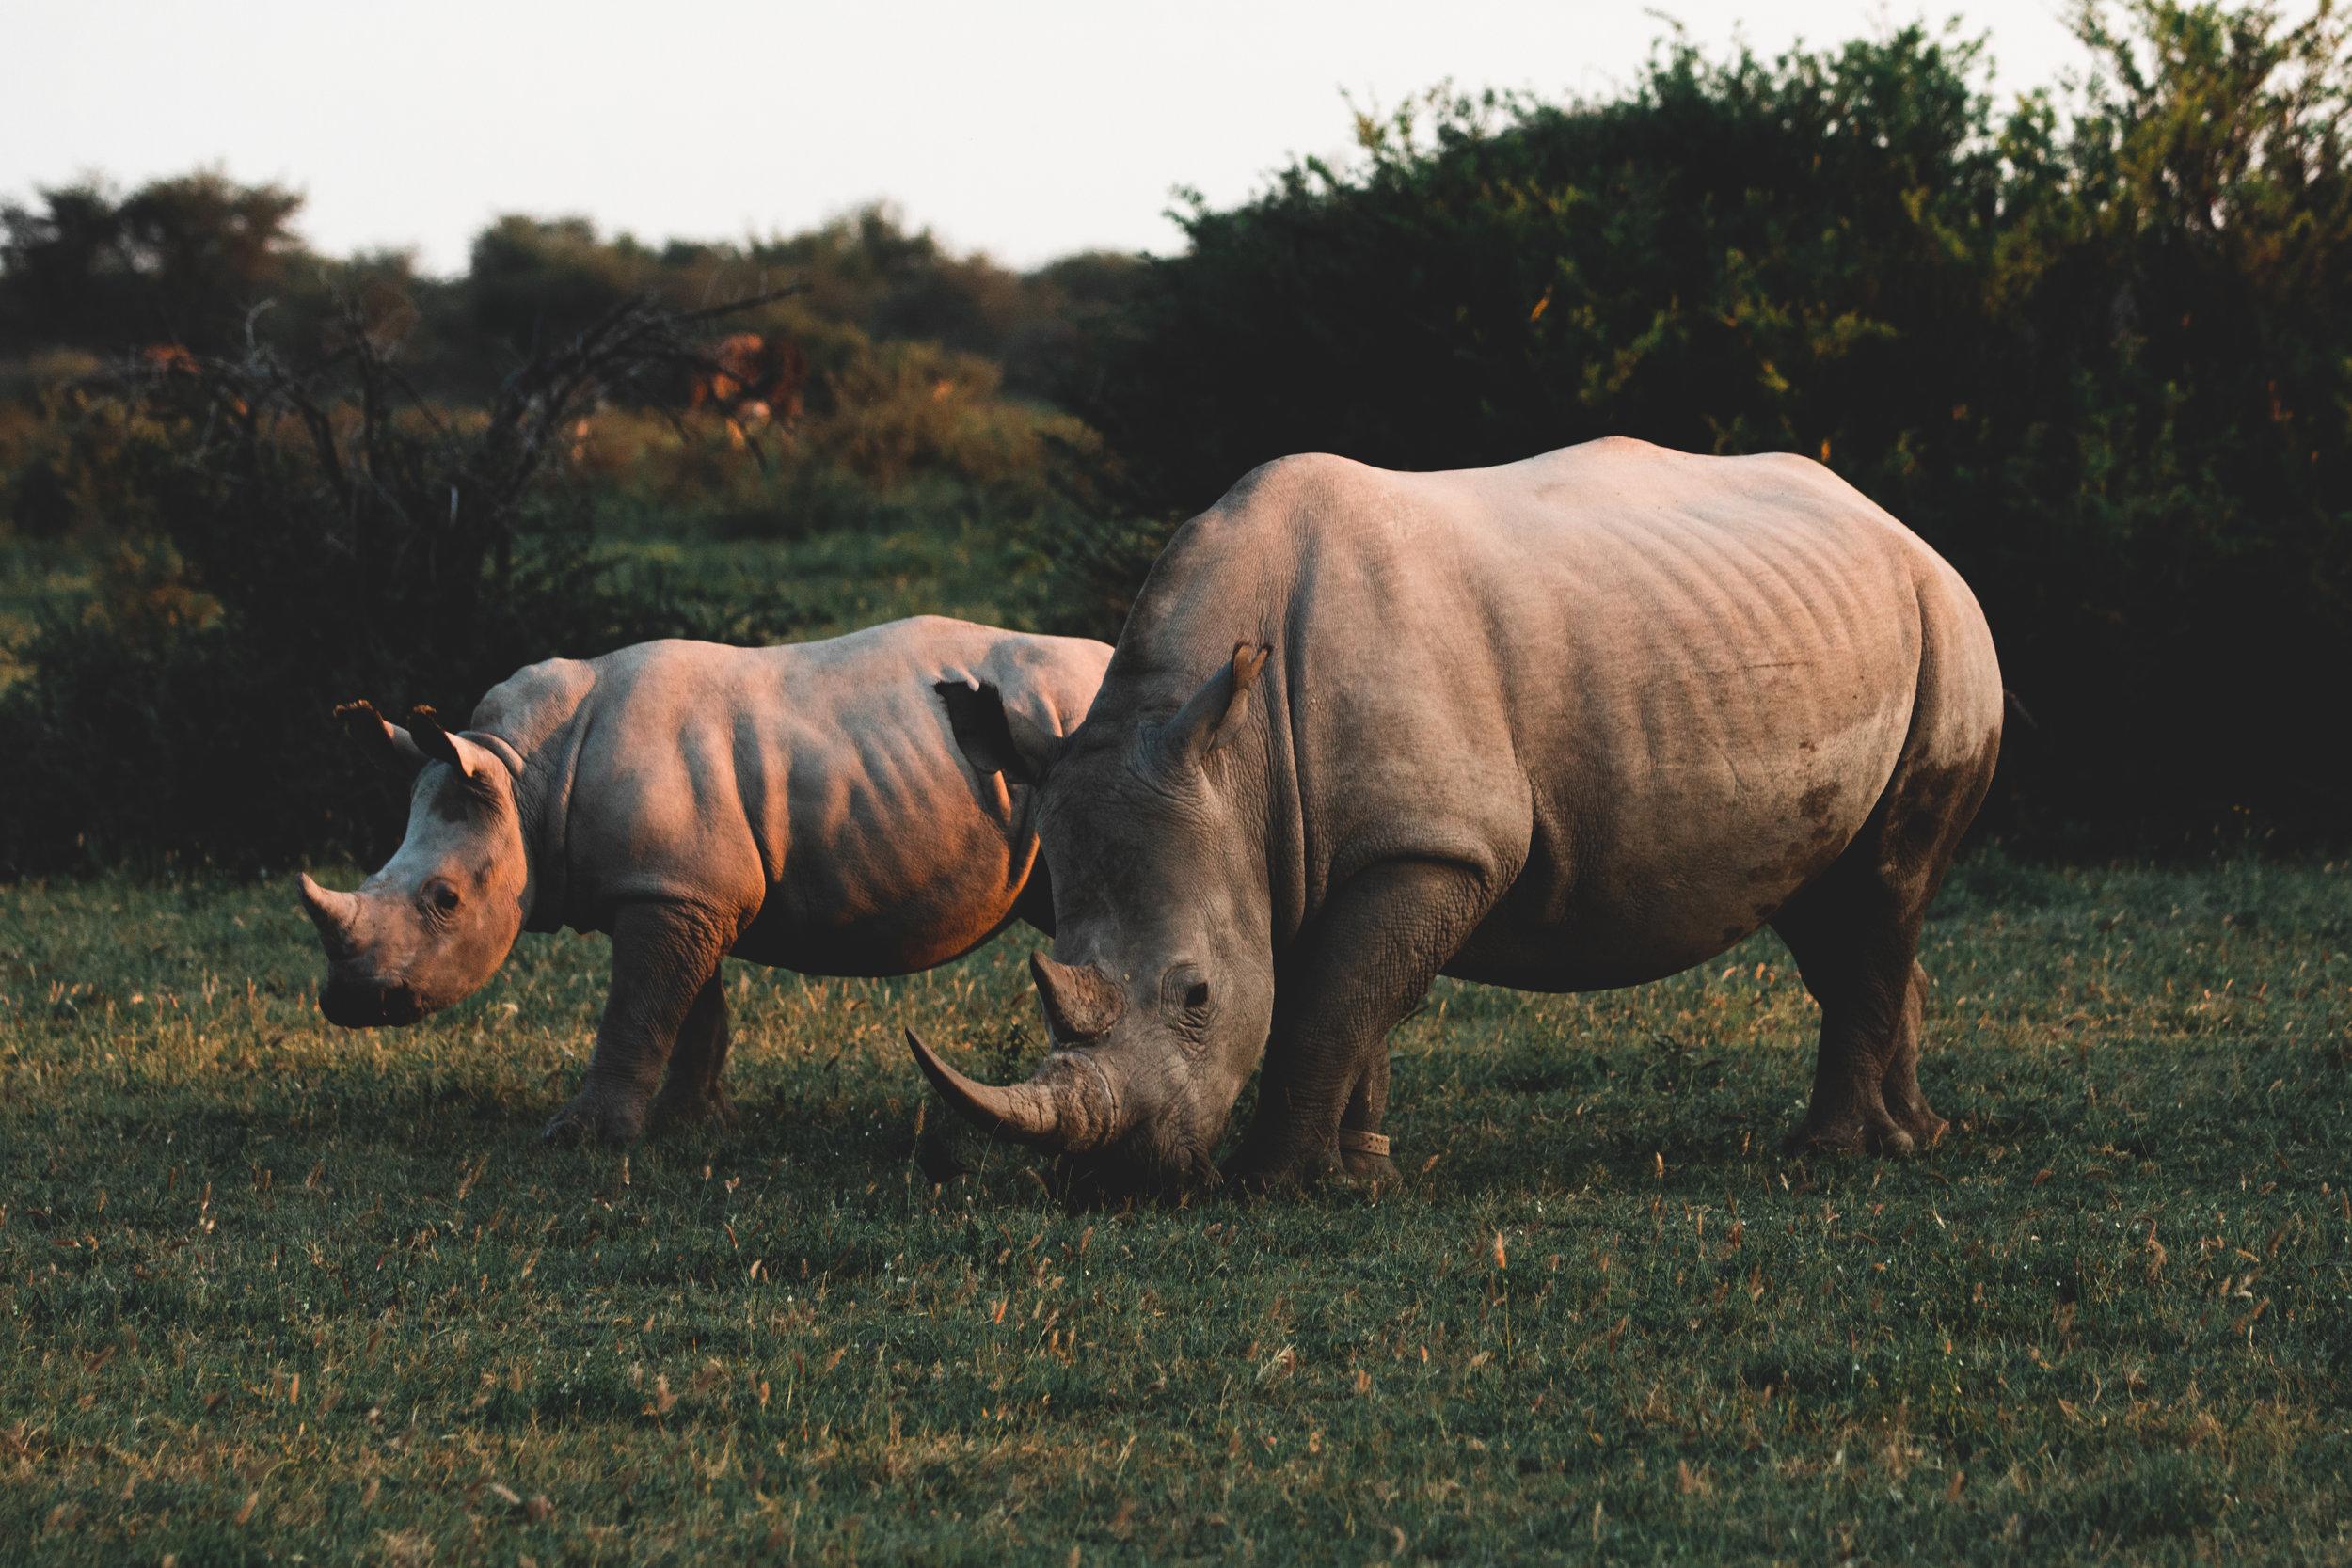 Two rhinos grazing at sunset in the Khama Rhino Sanctuary, Botswana.